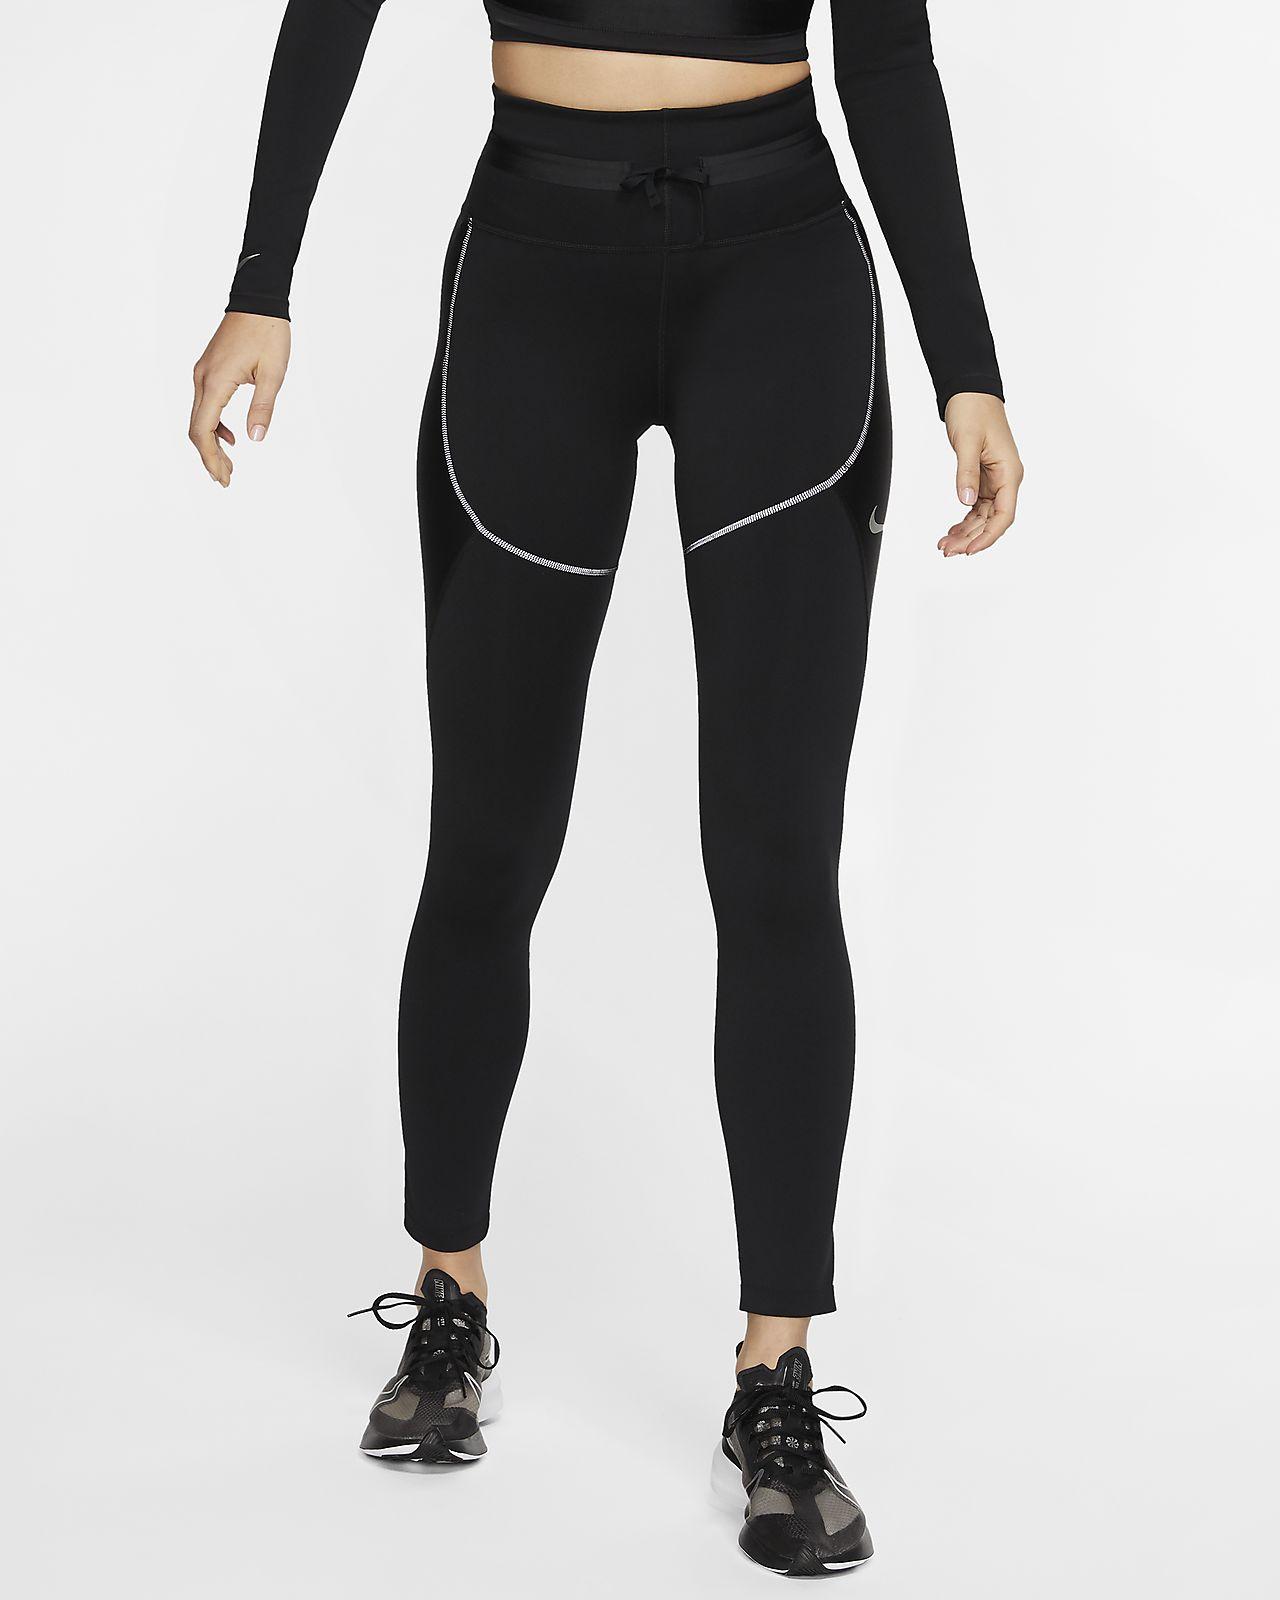 Nike City Ready Women's Running Leggings